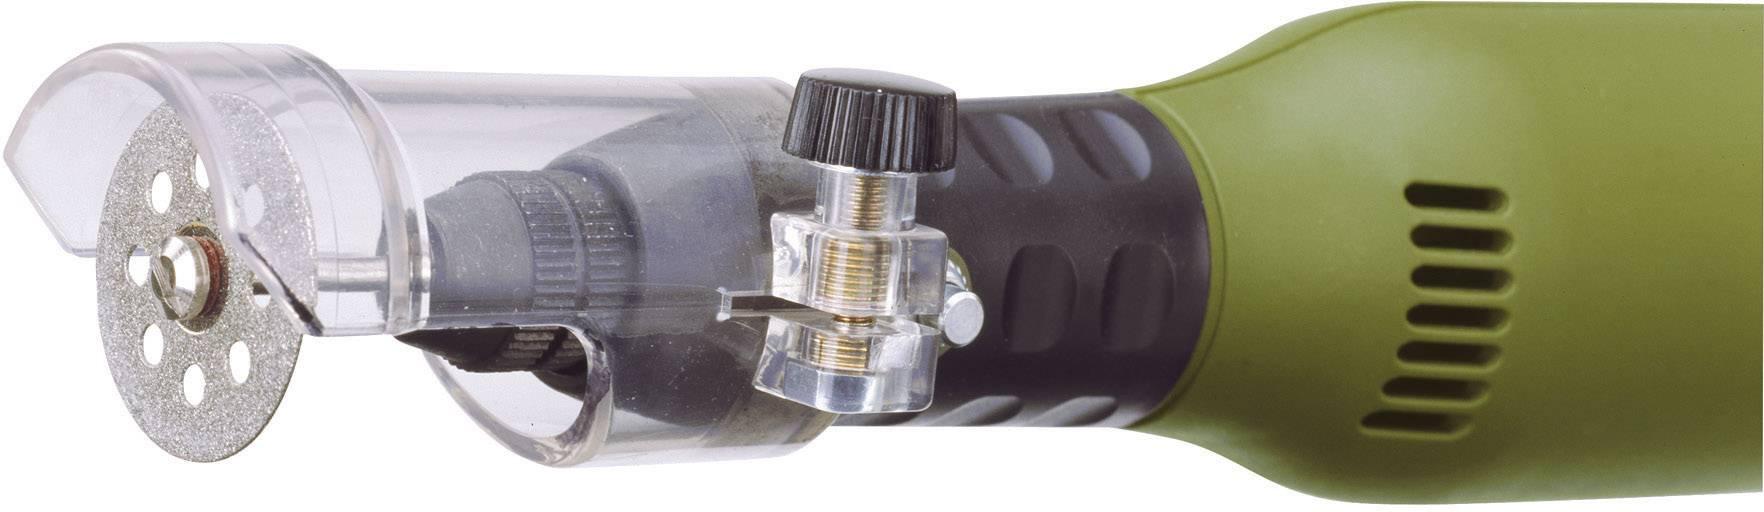 Kryt pro ruční nářadí Proxxon Micromot Micromot 28944